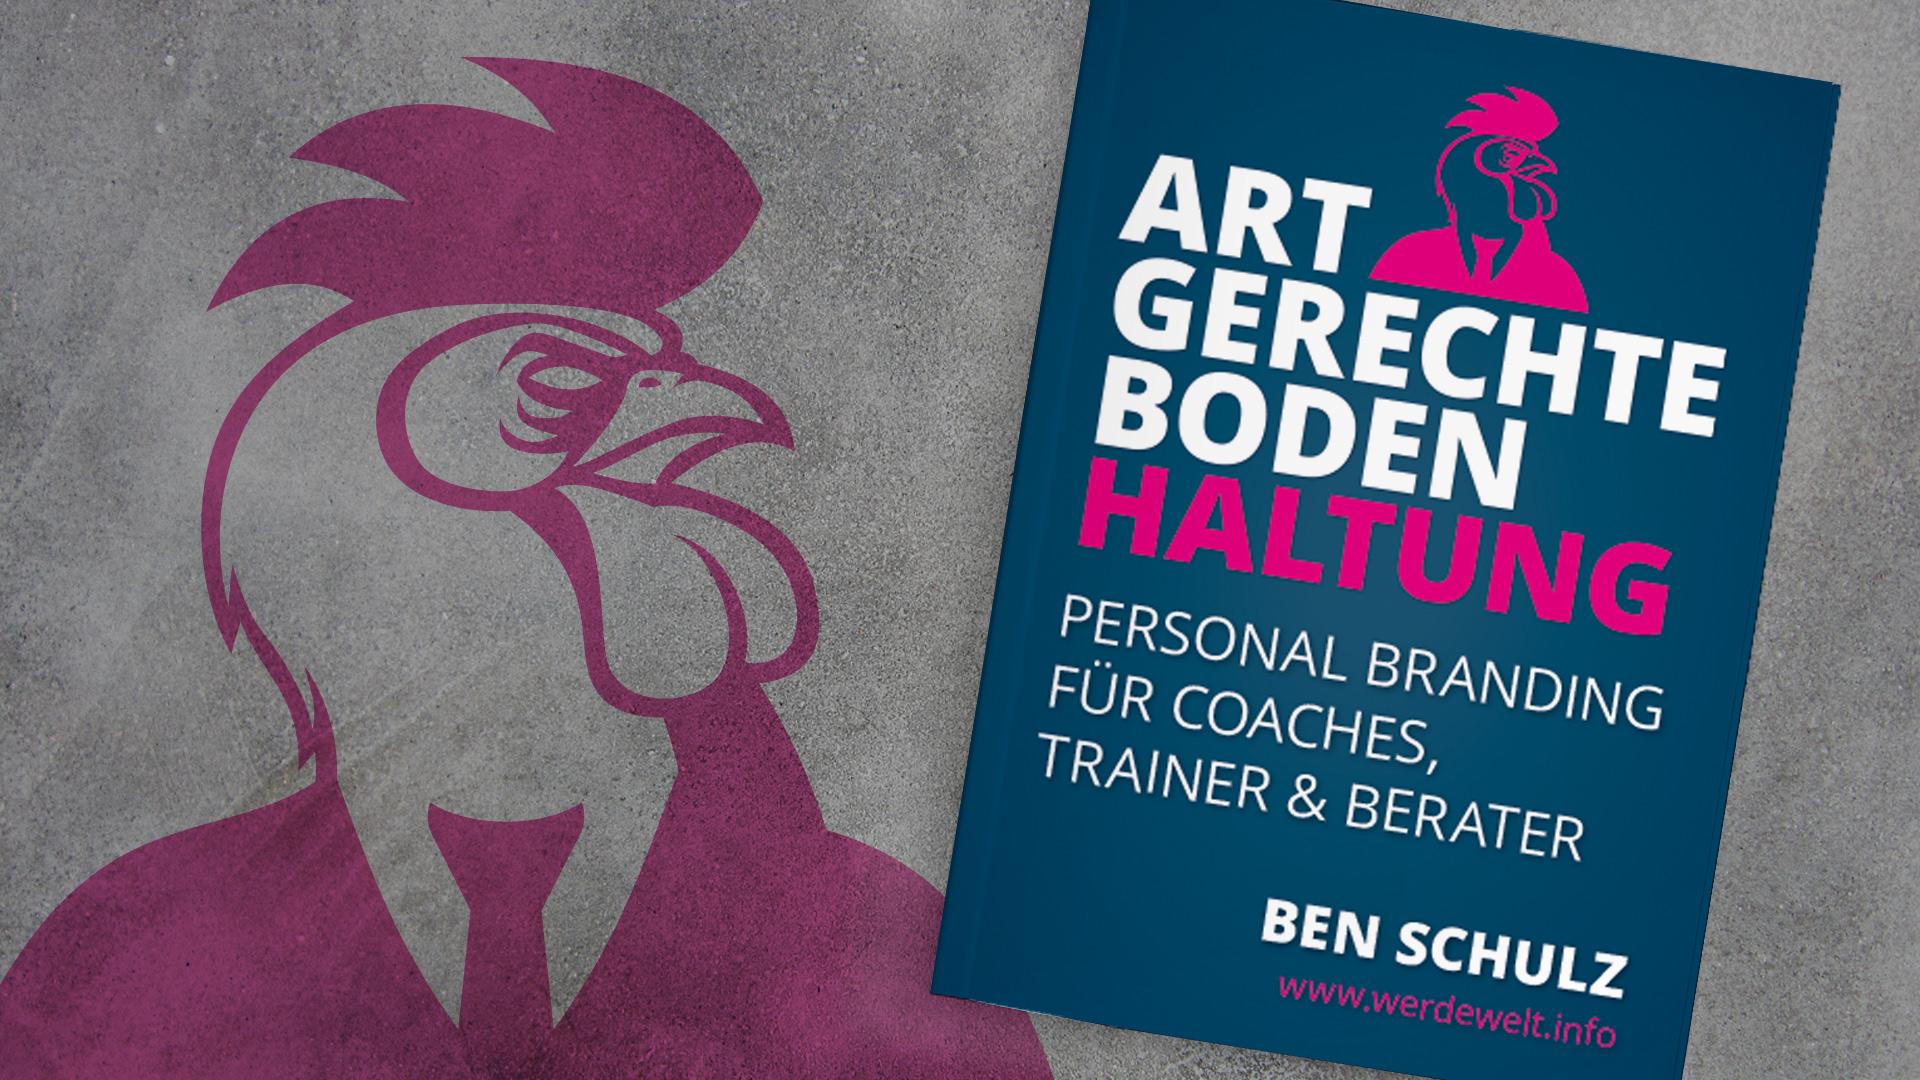 Jetzt im Buchhandel: Artgerechte Bodenhaltung – Personal Branding für Coaches, Trainer & Berater